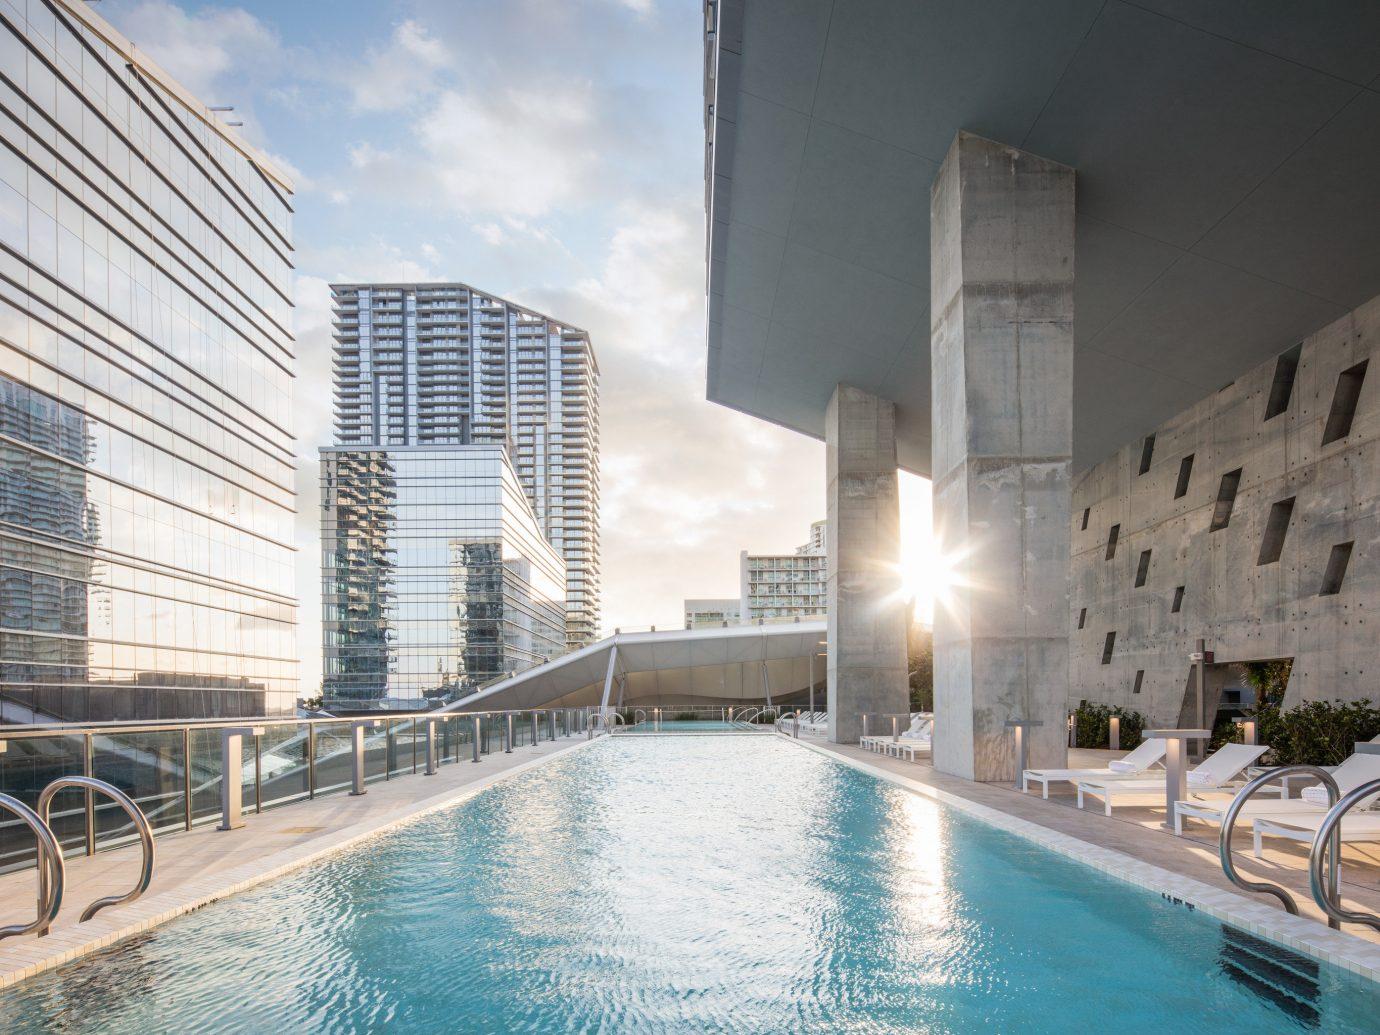 Trip Ideas building outdoor Architecture swimming pool condominium plaza estate Resort